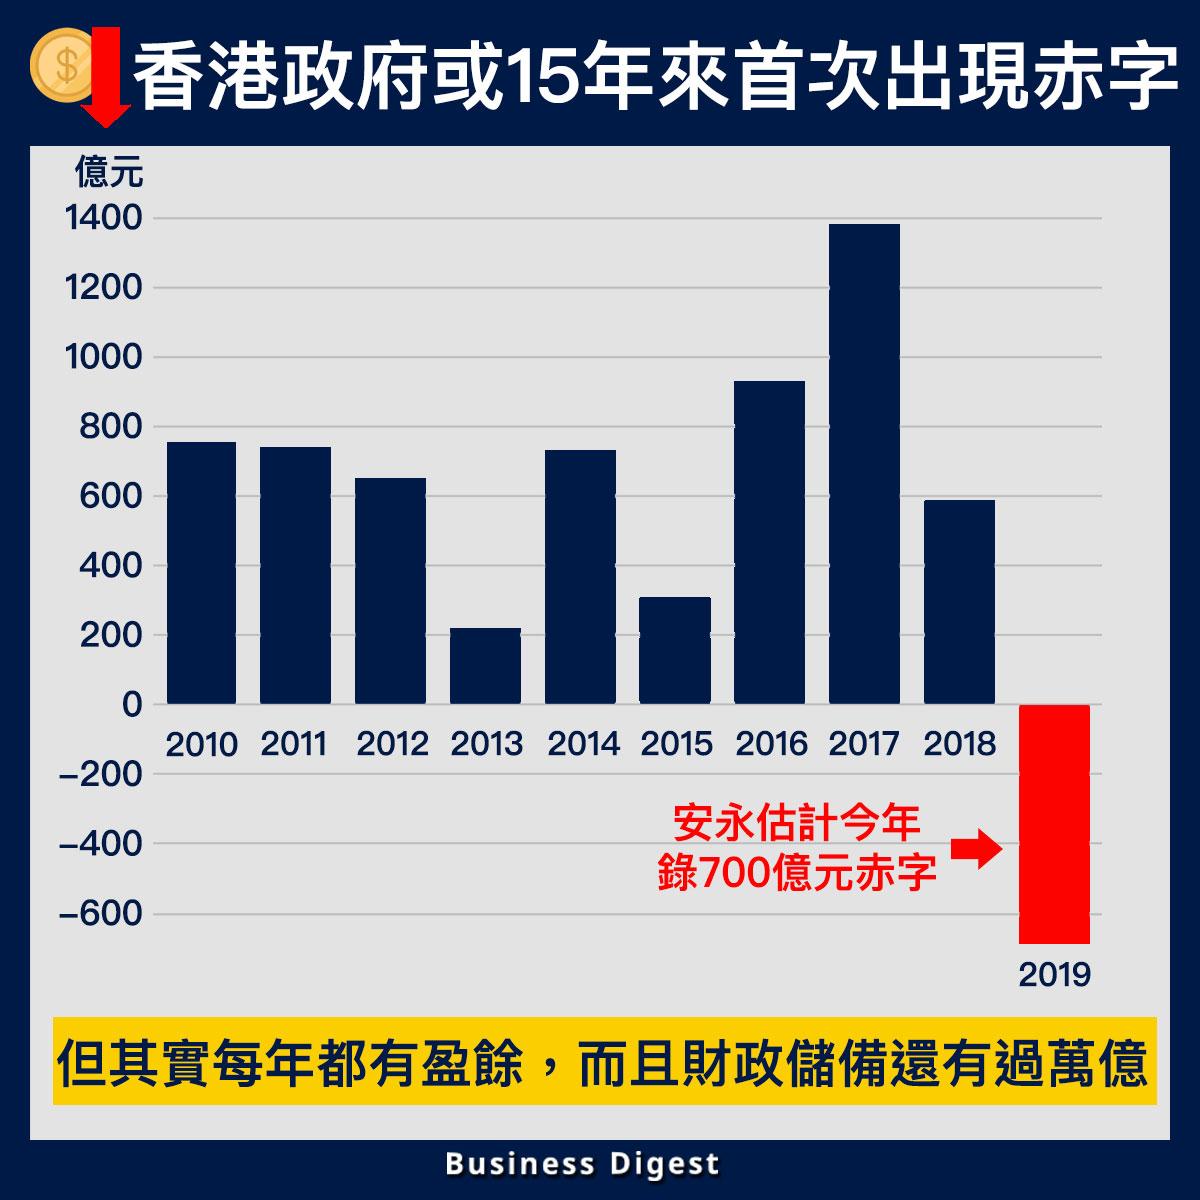 【從數據認識經濟】香港政府或15年來首次出現赤字